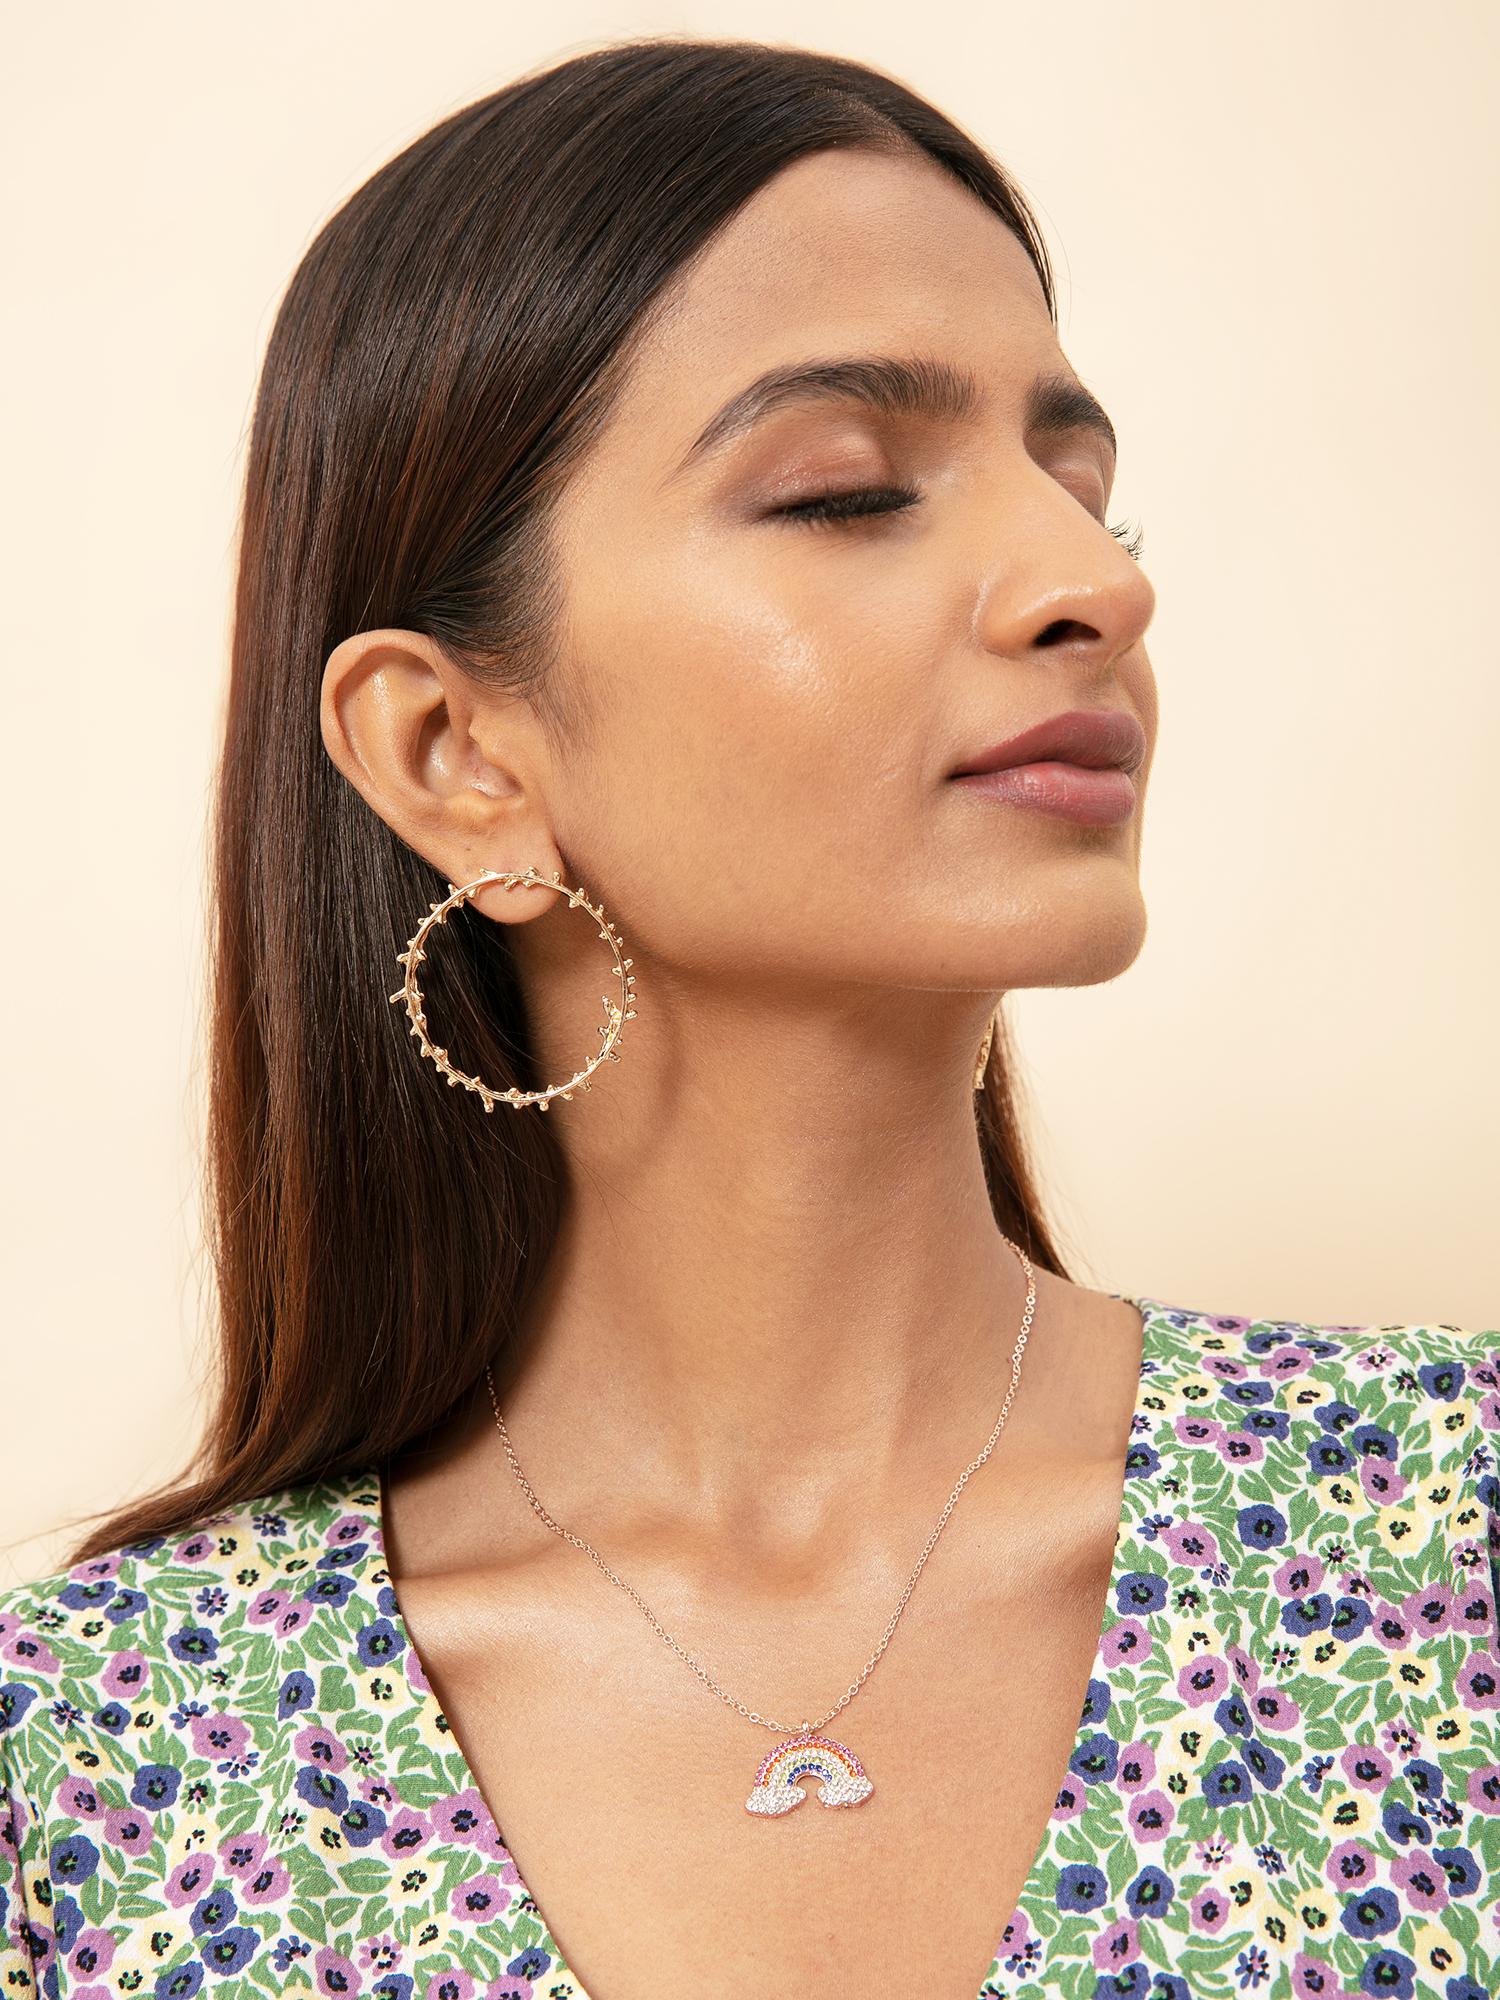 Earrings-You Flatter Me Earrings1